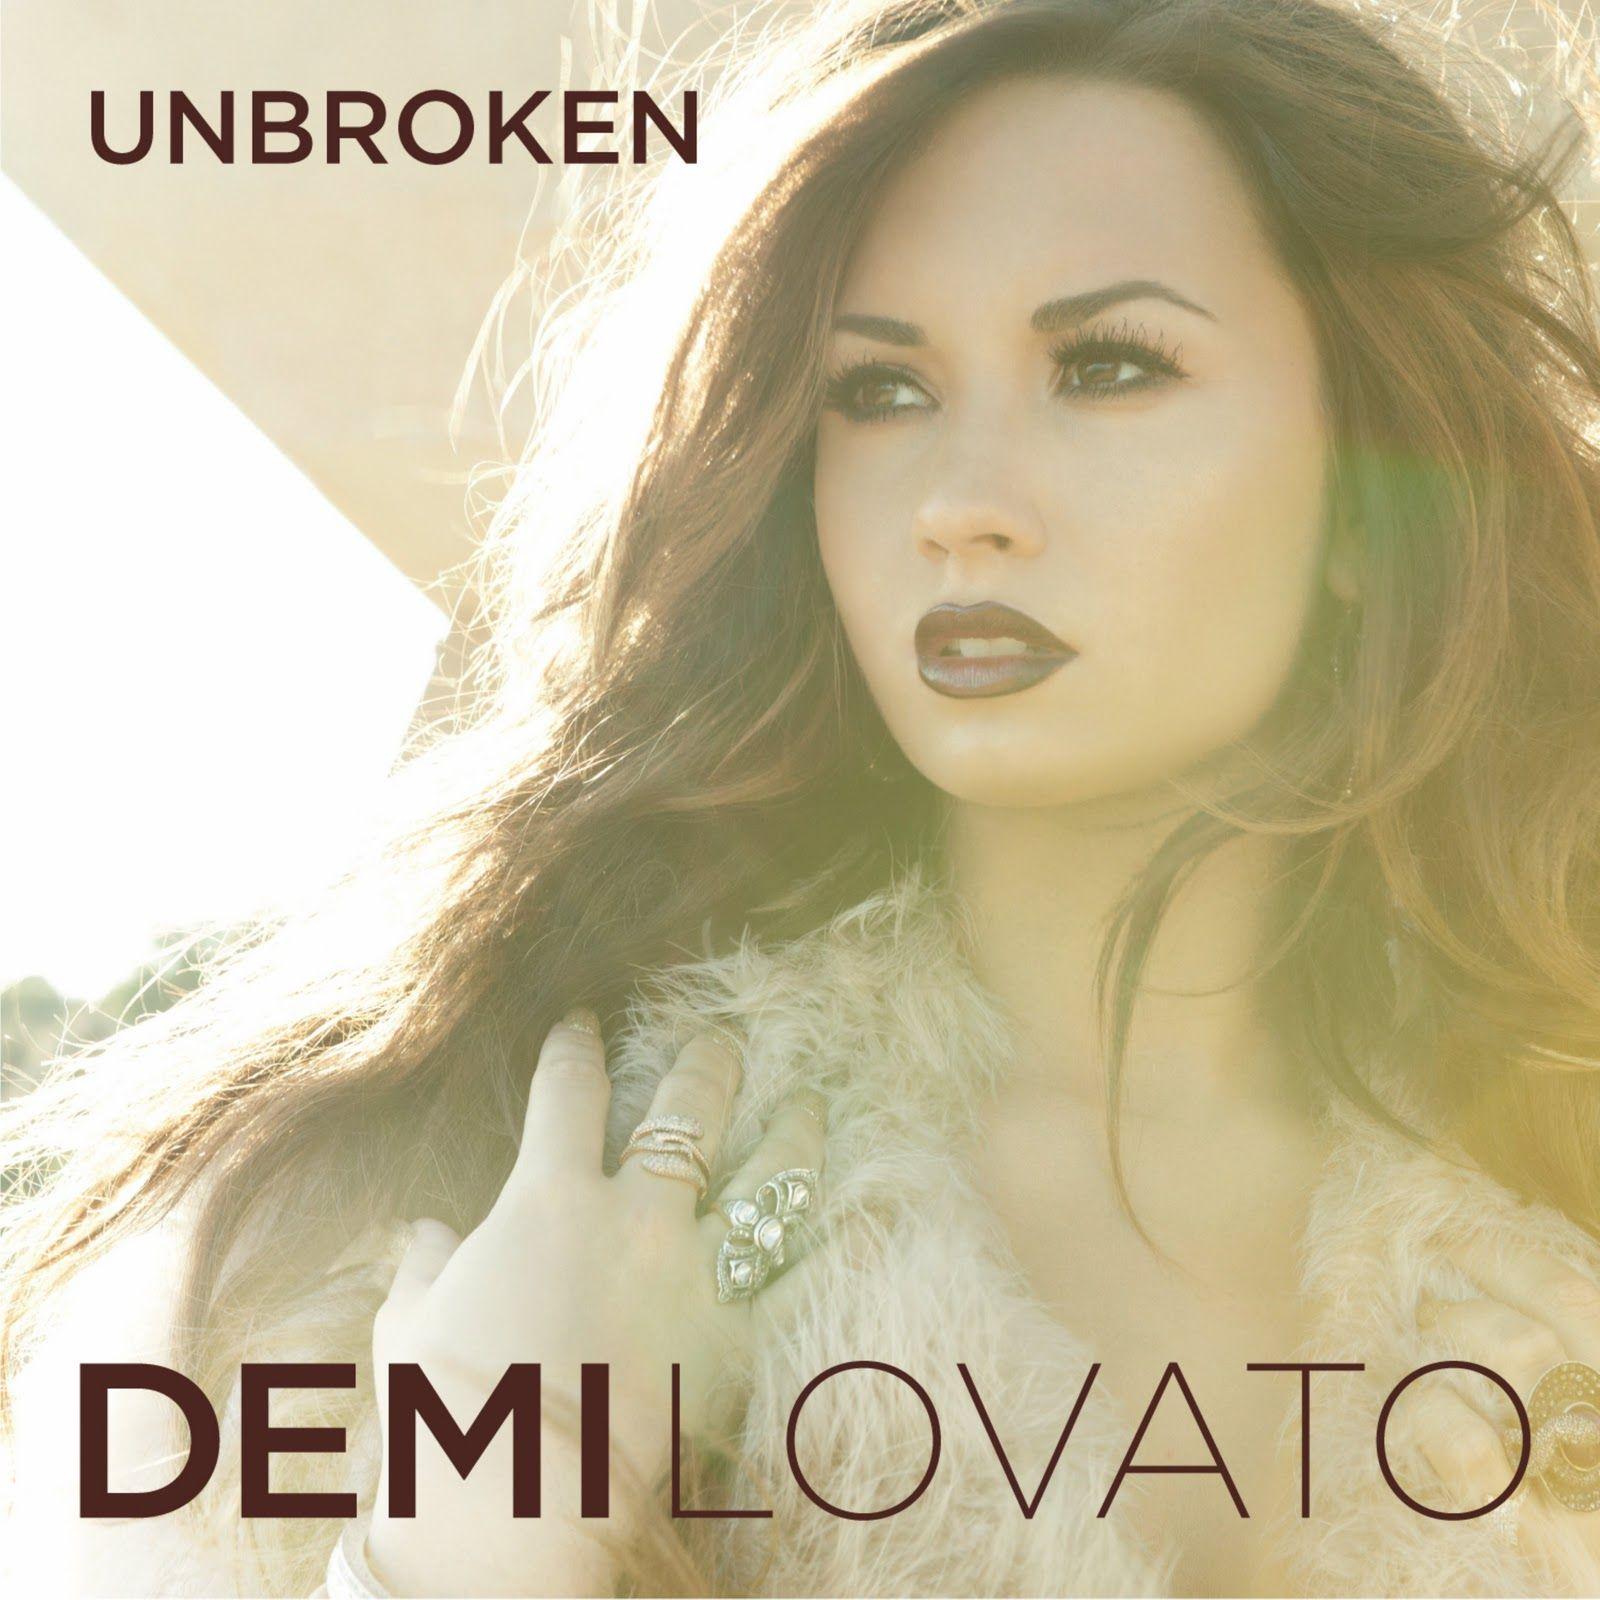 Final, demi lovato new album cover apologise, but